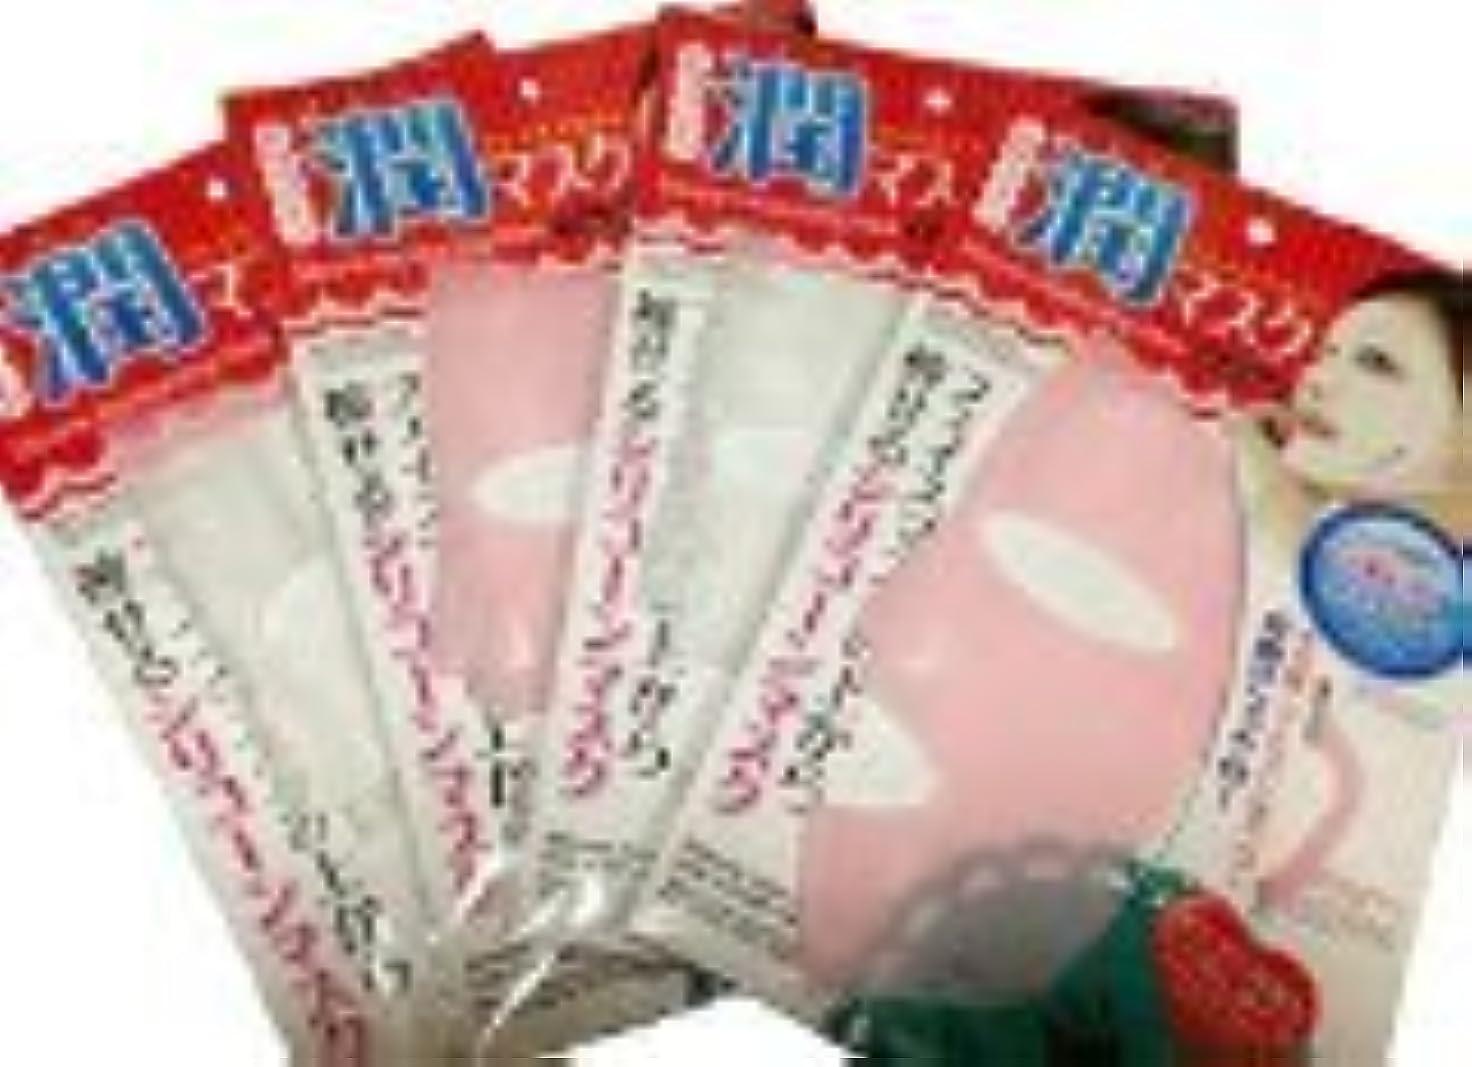 常識比較うれしいダイソー シリコン 潤マスク フェイスマスク 4枚セット